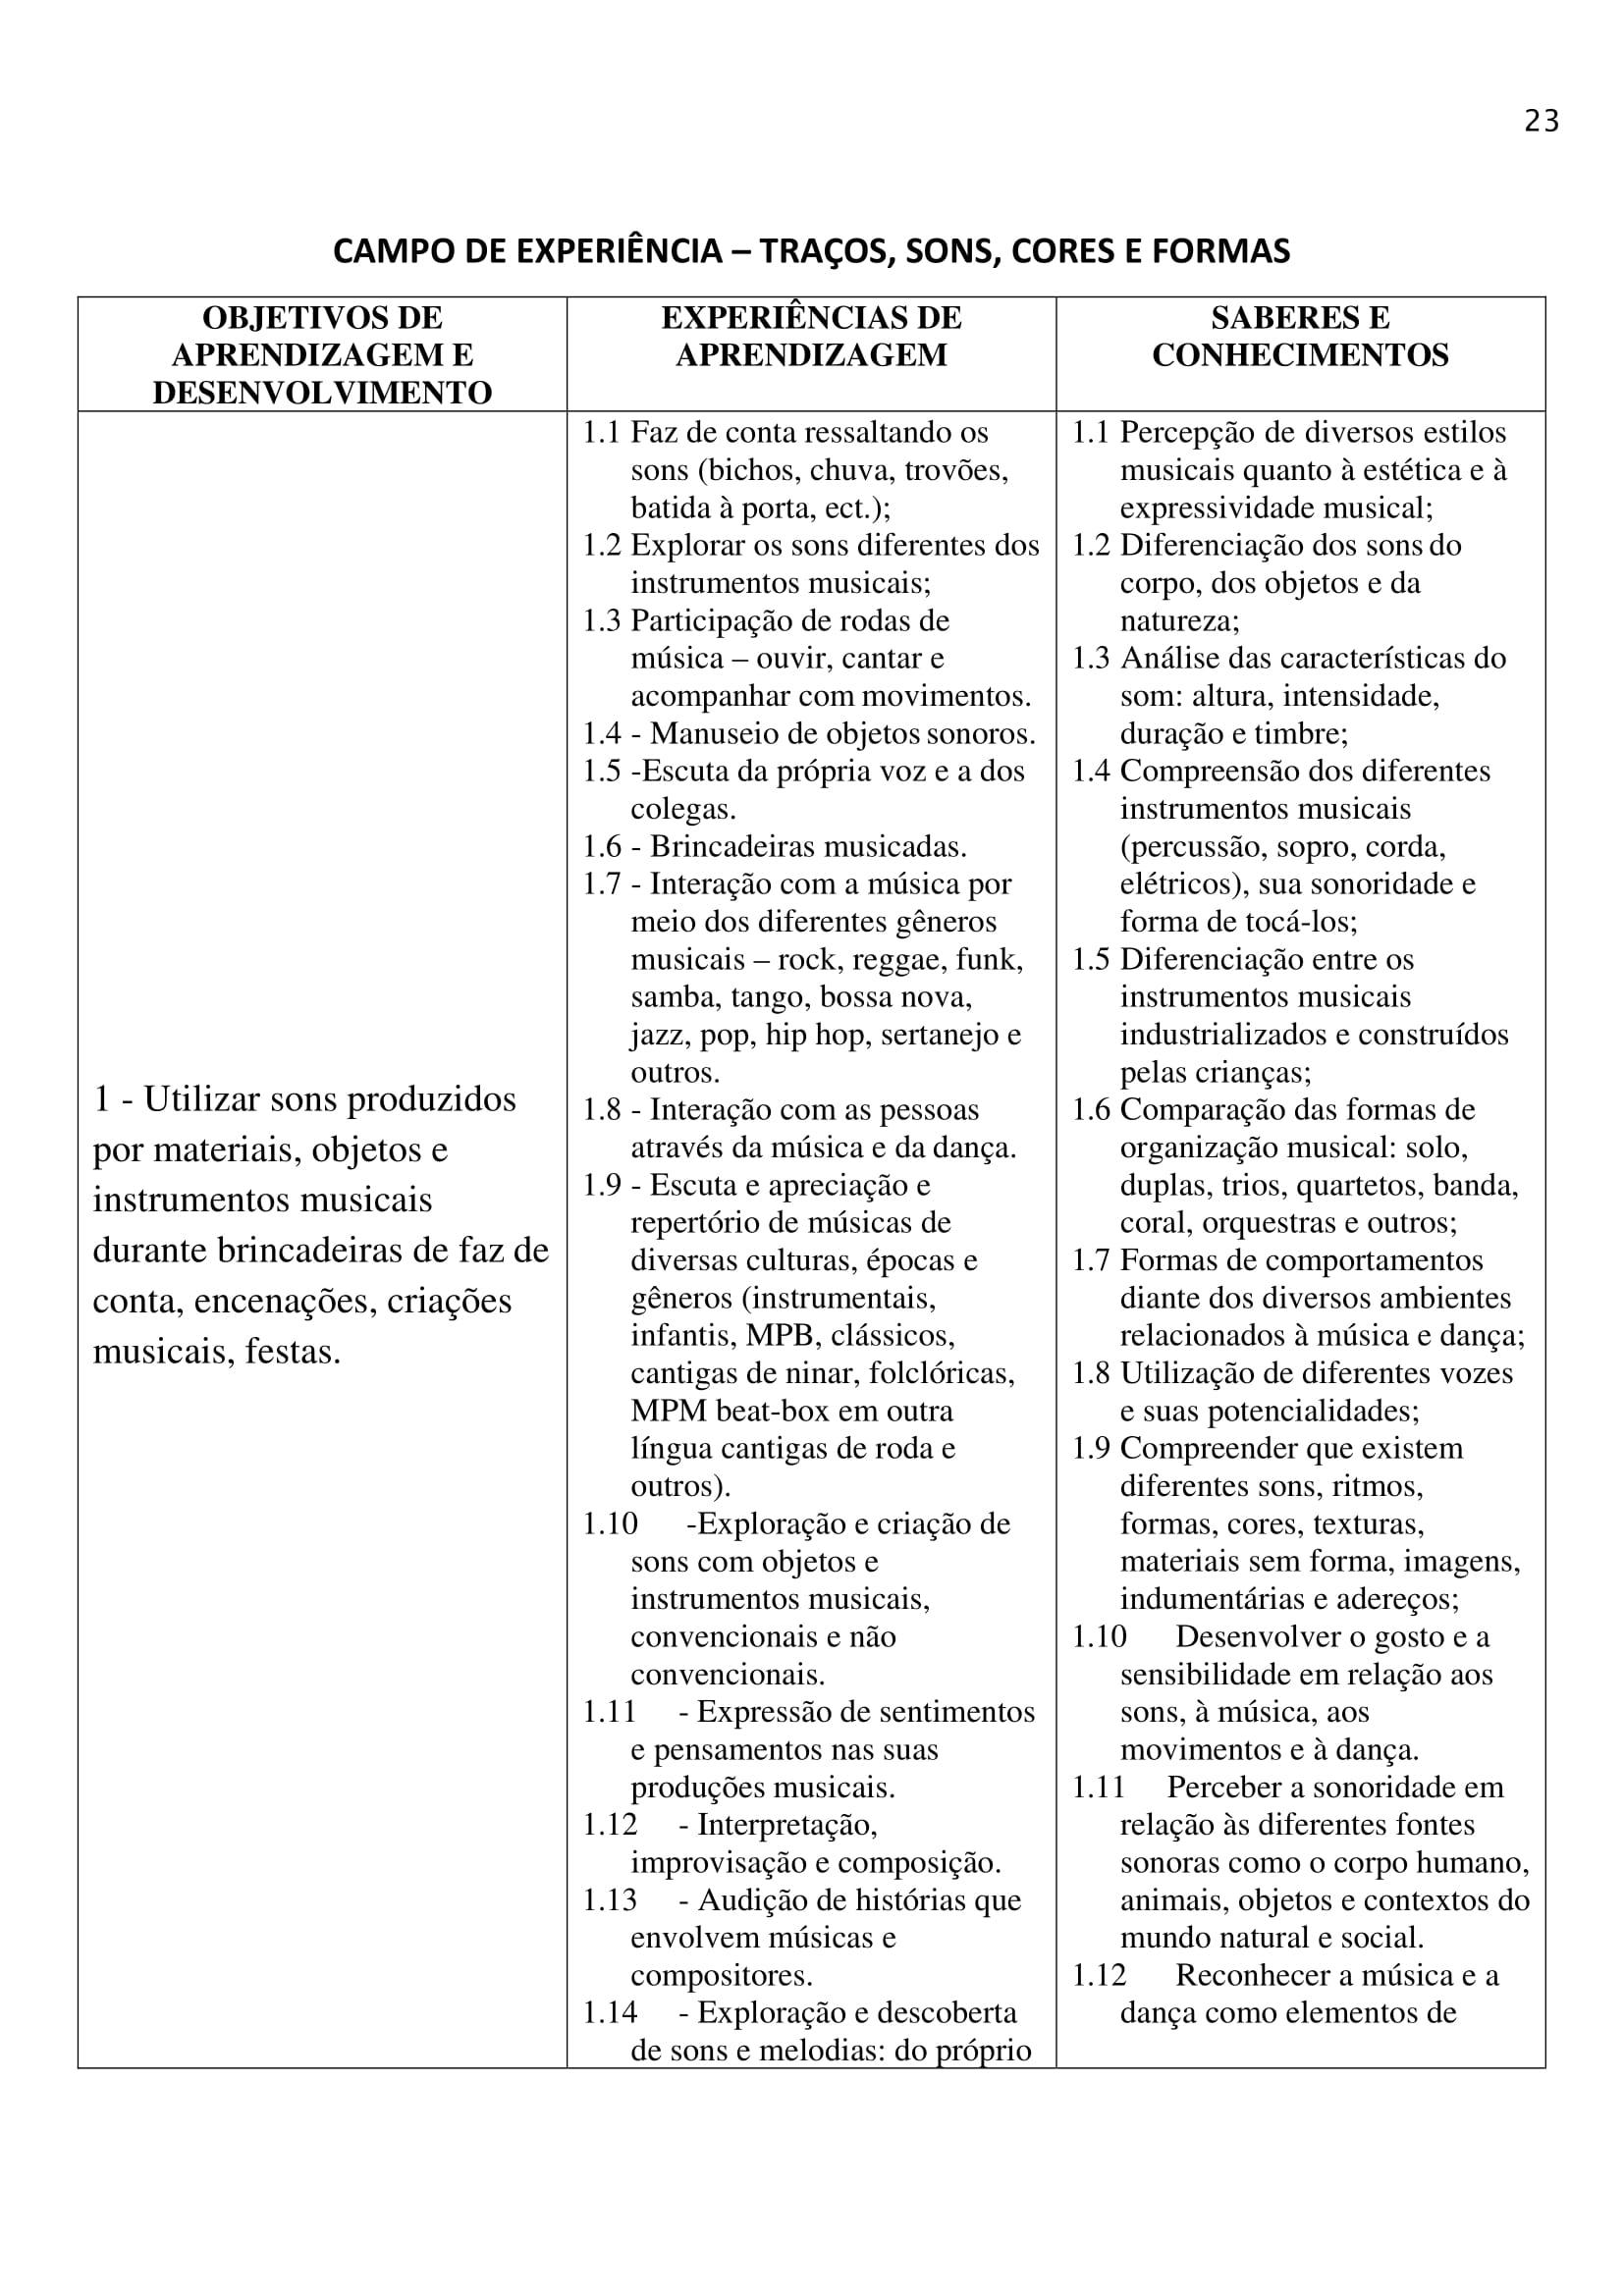 planejamento-educação-infantil-bncc-geral-53